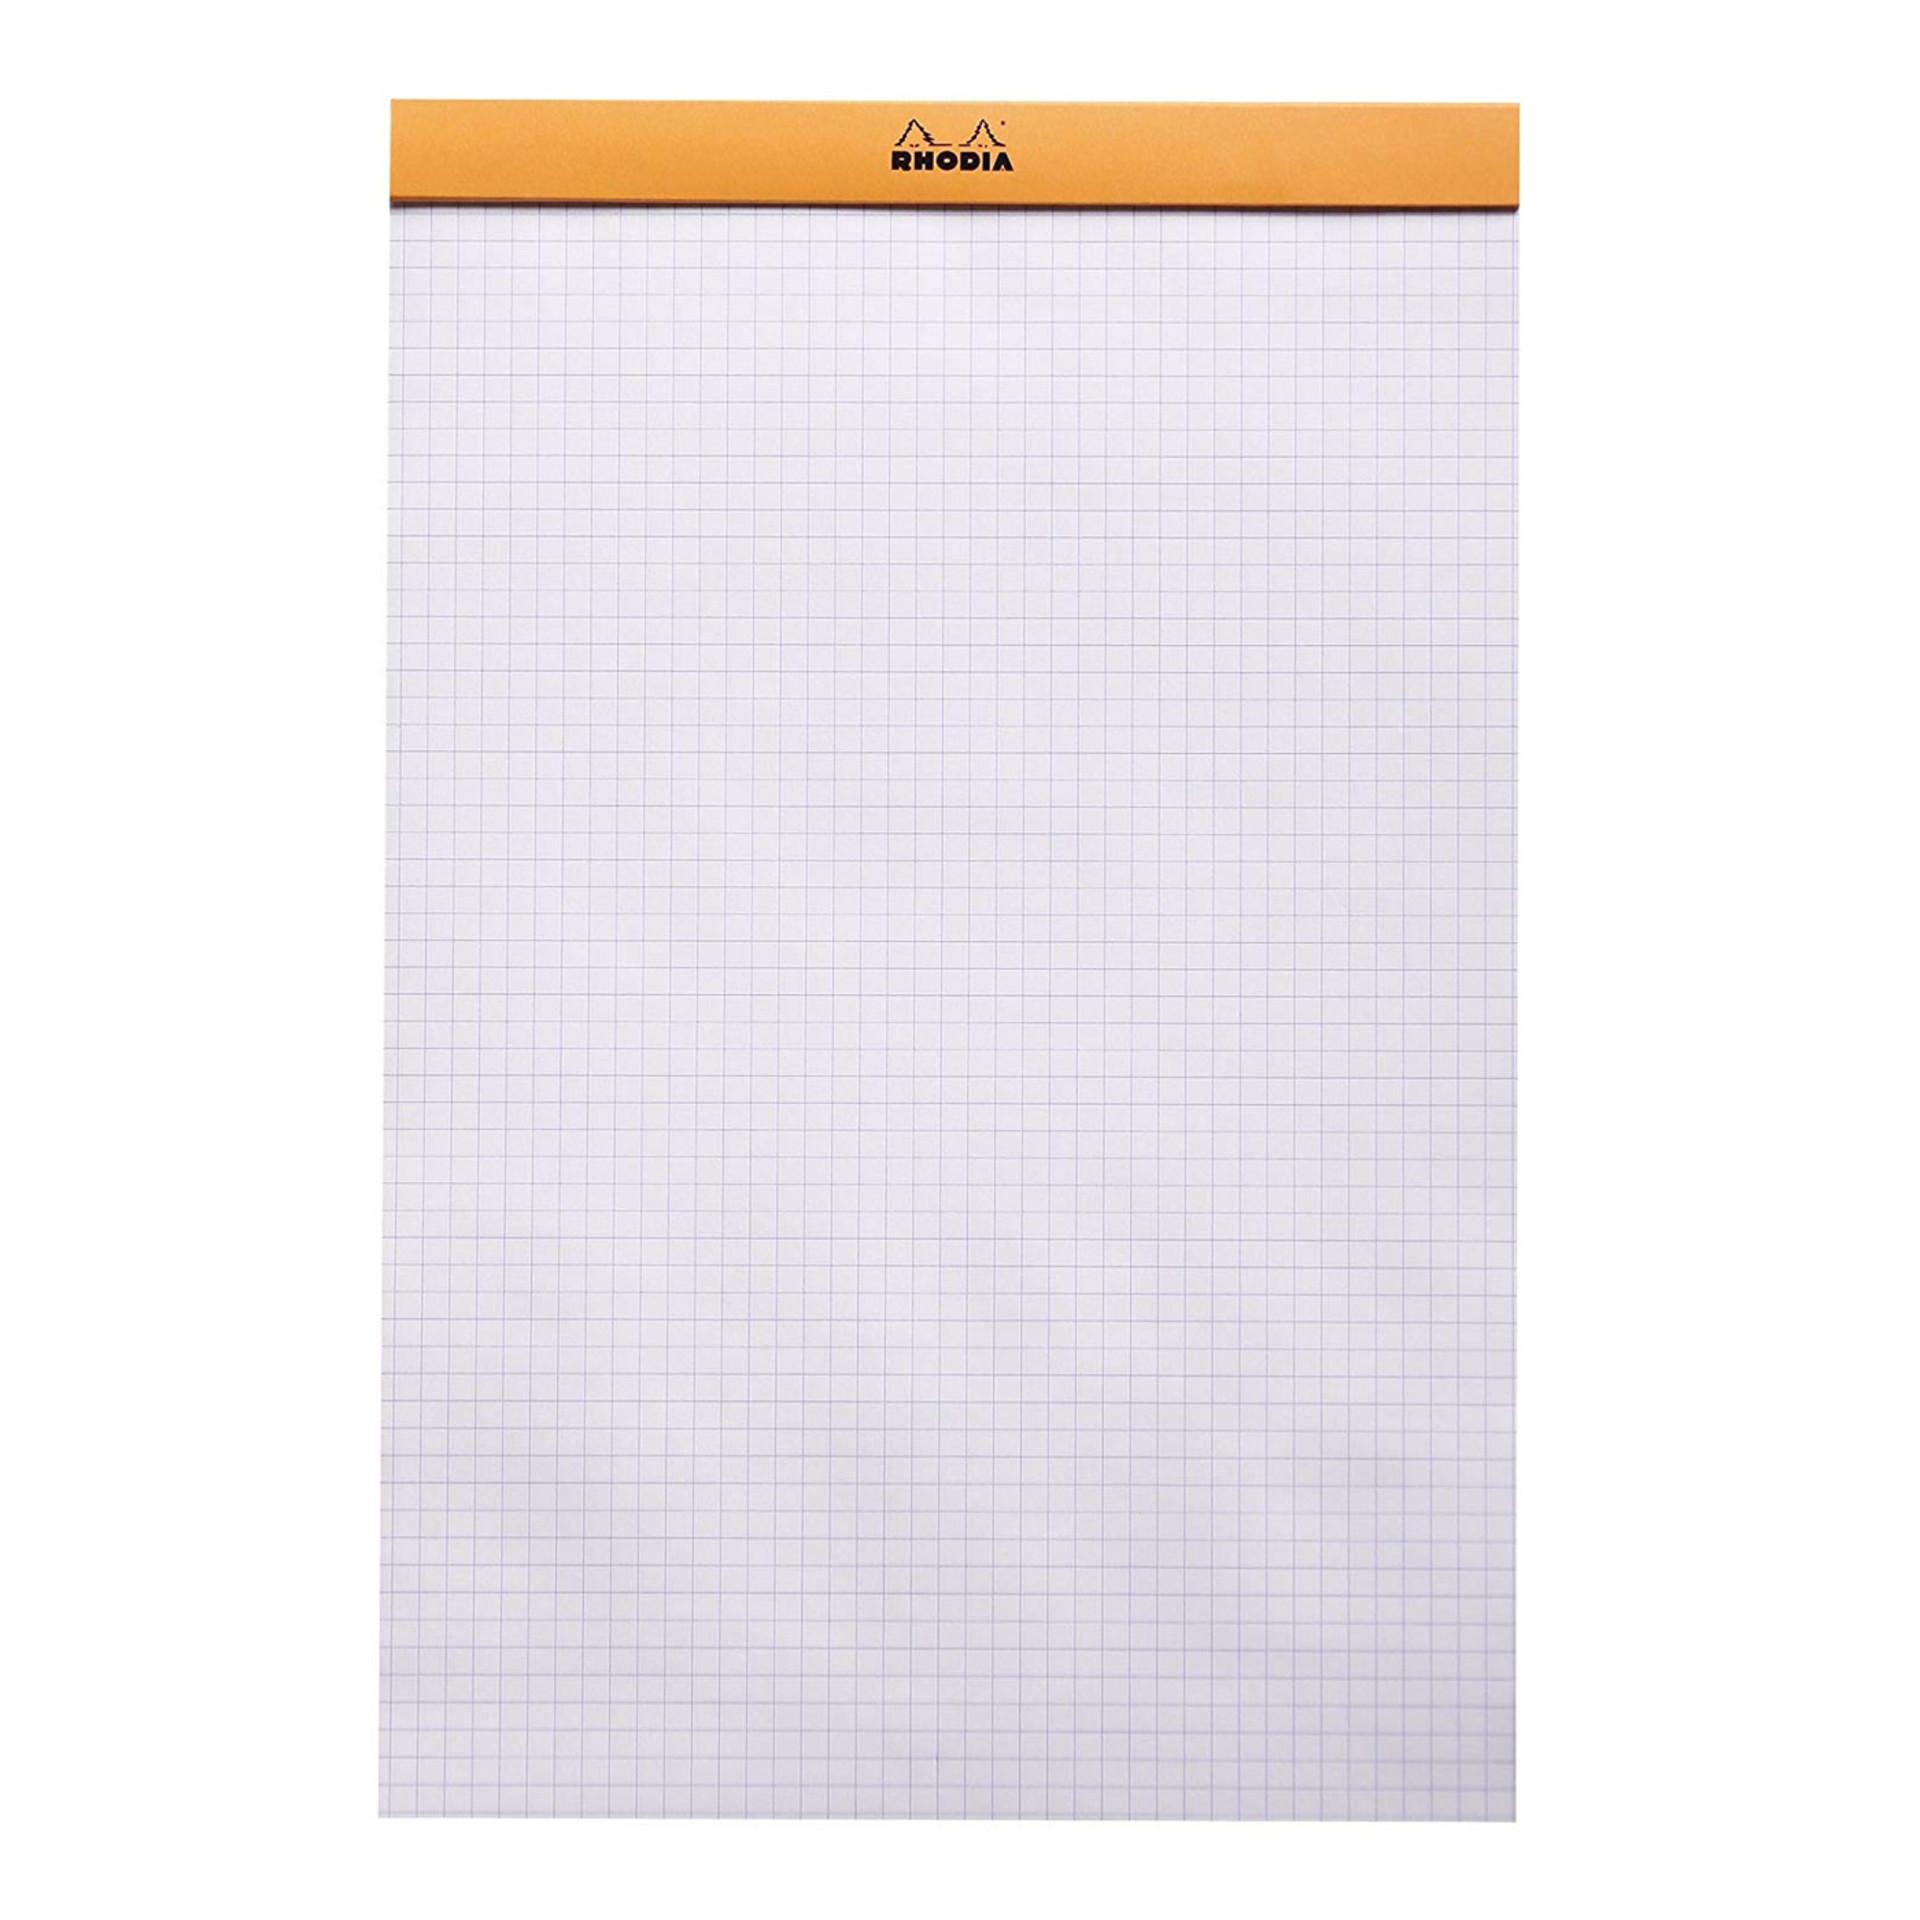 Rhodia 5x5 Quad Graph Notepad Paper